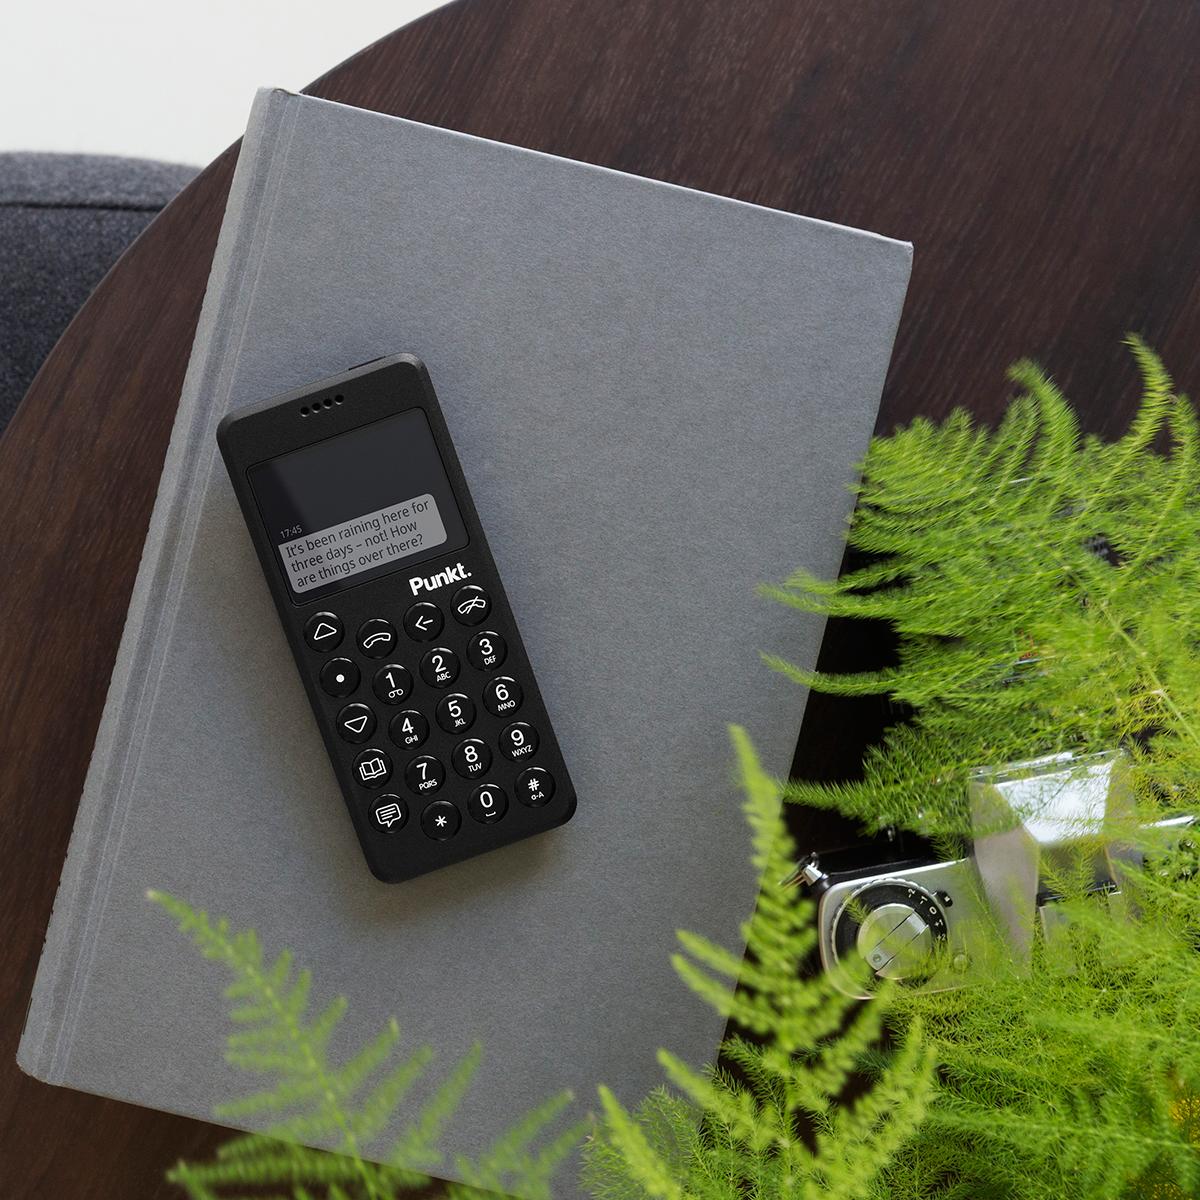 あなたが「大切にしたい時間」に静かに寄り添ってくれる携帯電話・ミニマムフォン|Punkt.(プンクト)